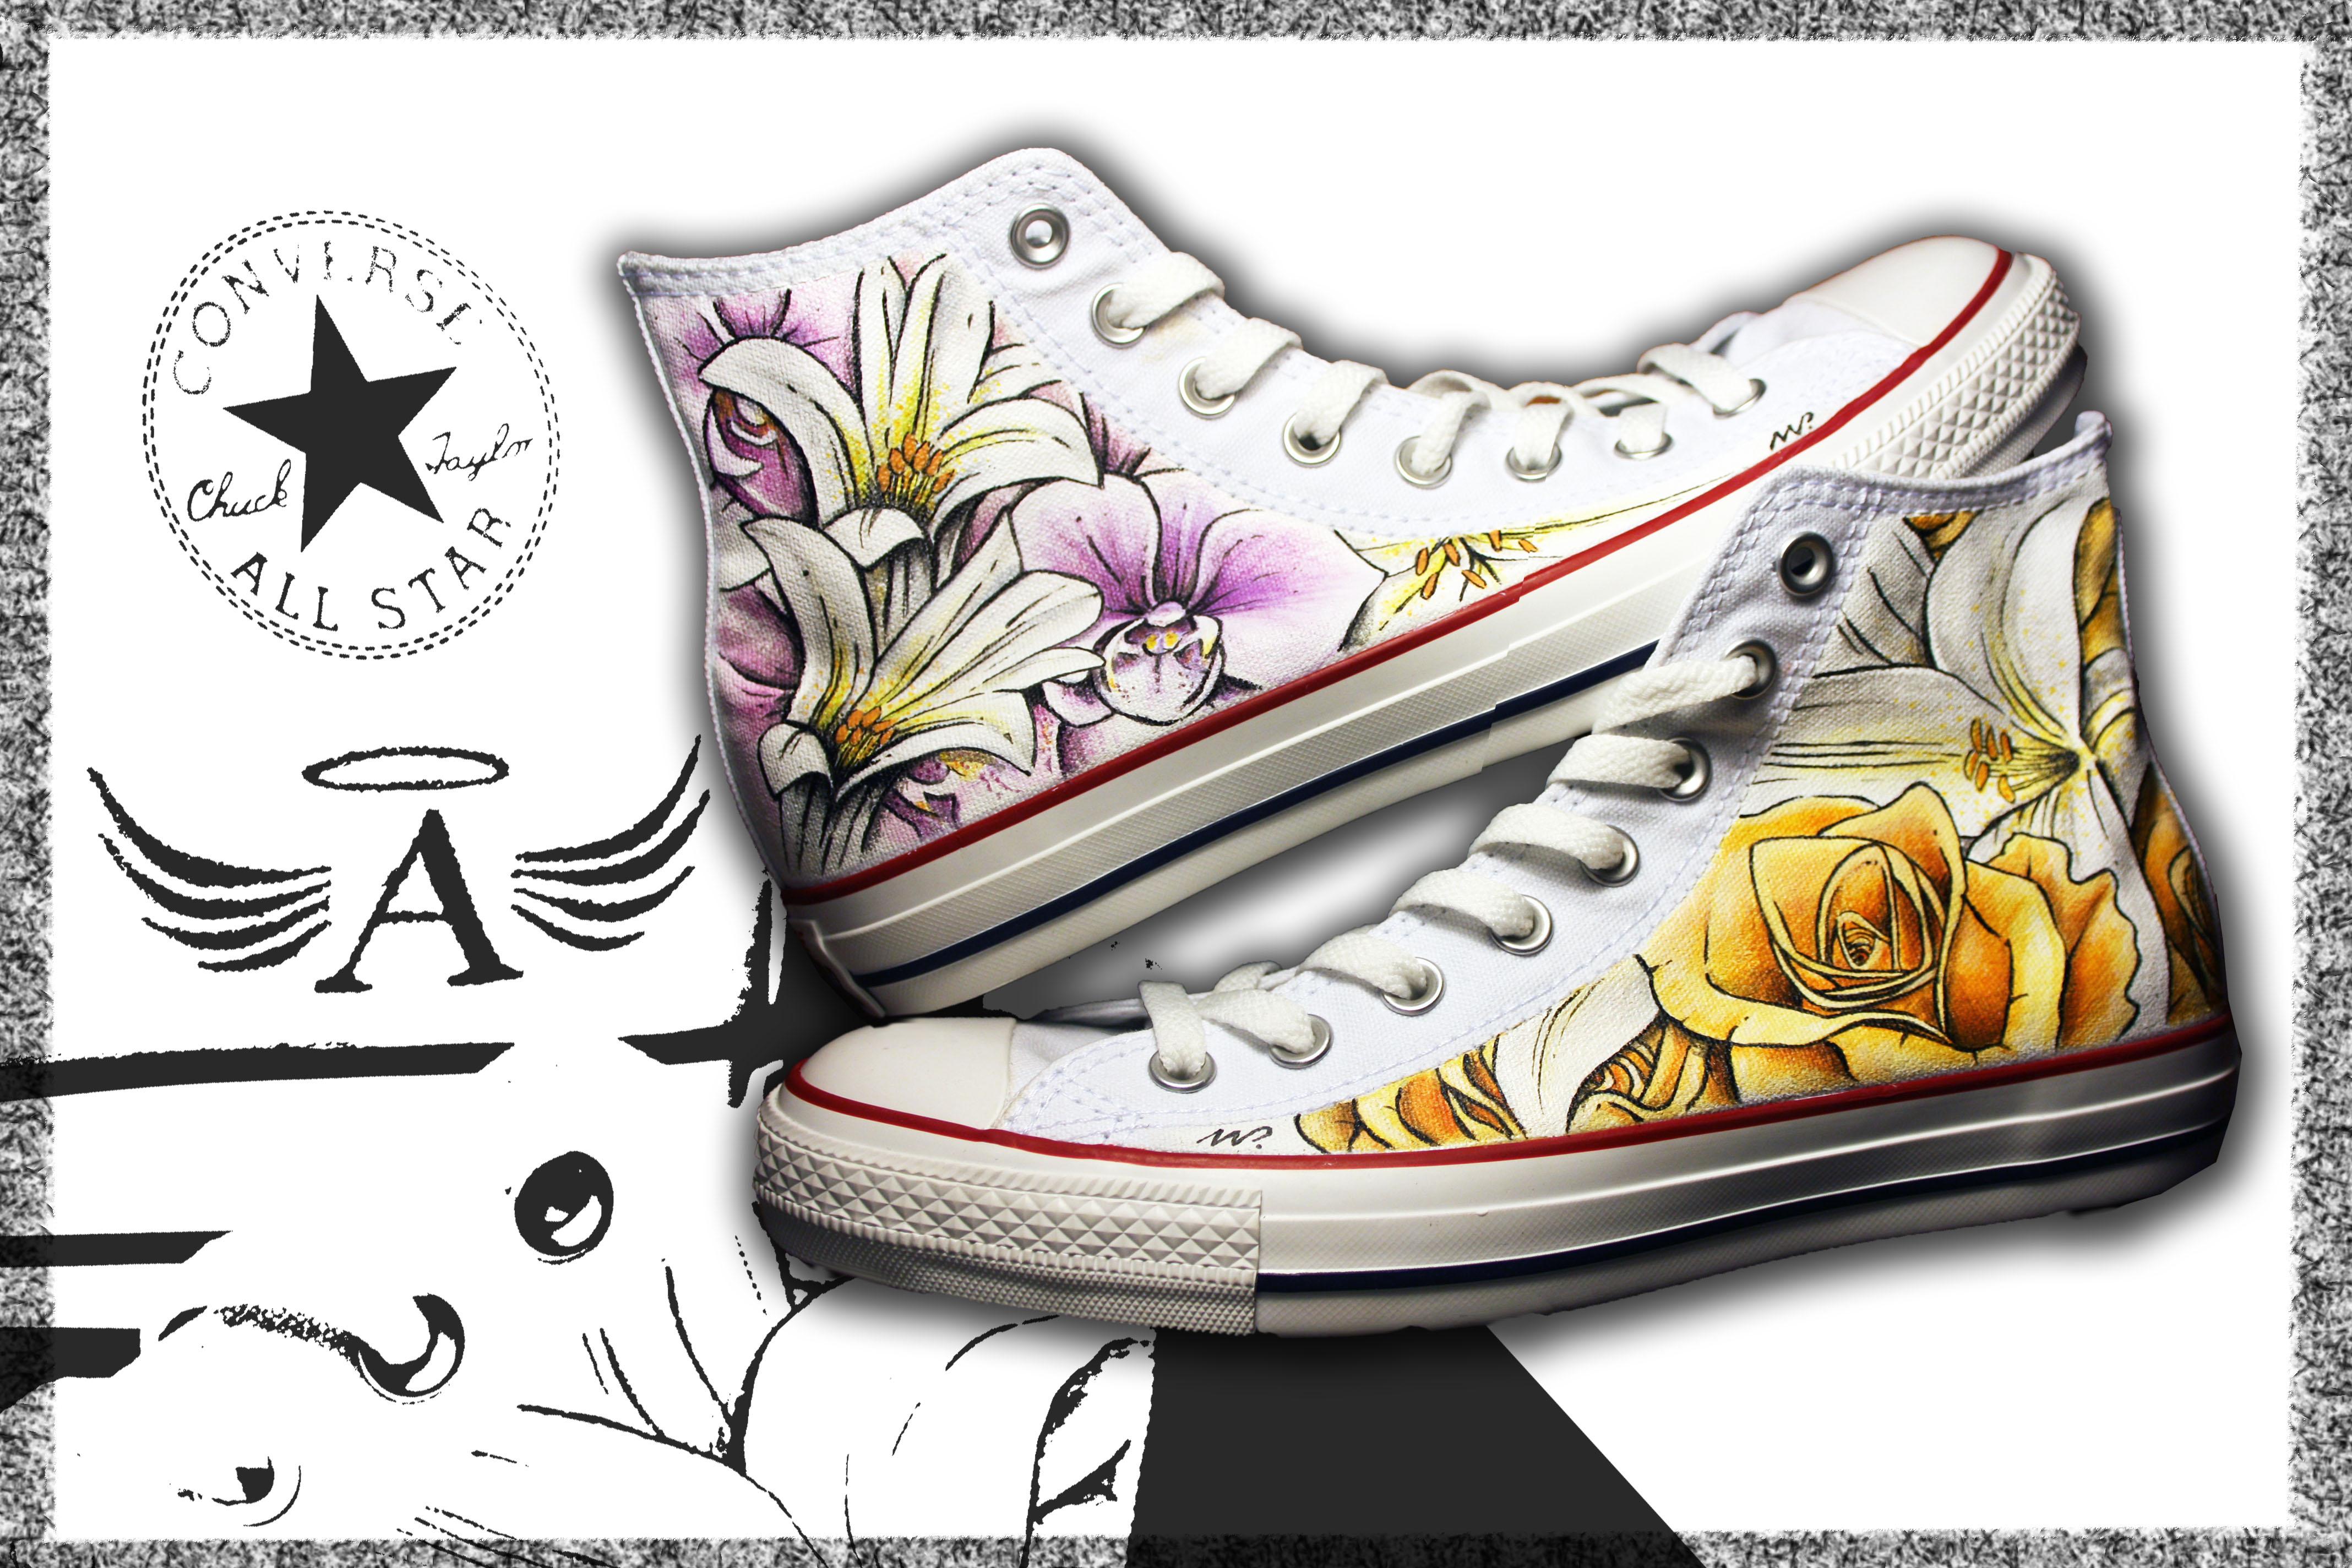 scarpe alte converse